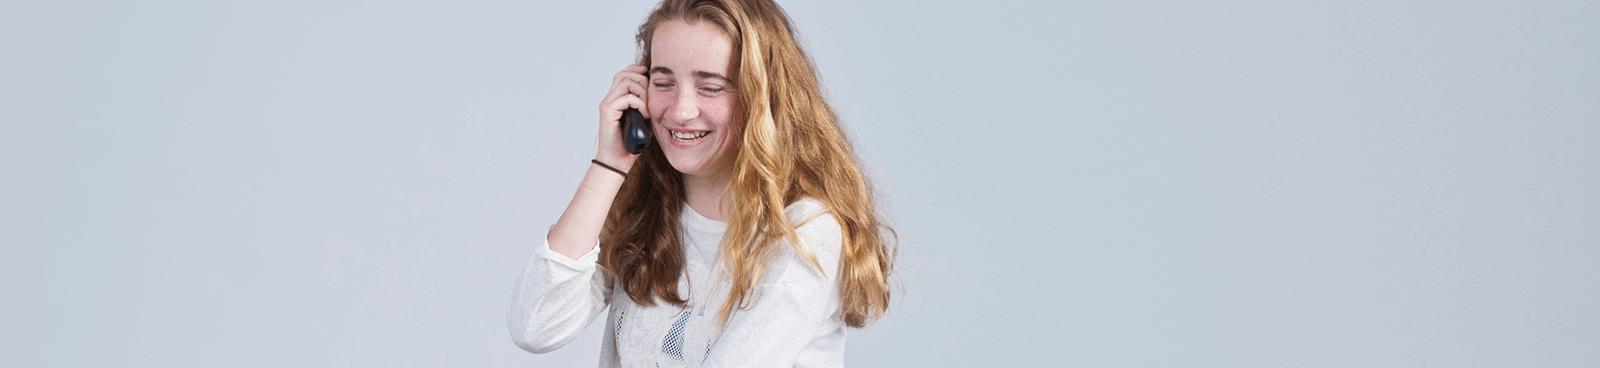 SPOT Coaching - Coach voor pubers en jongvolwassene in Harderwijk - Afspraak maken